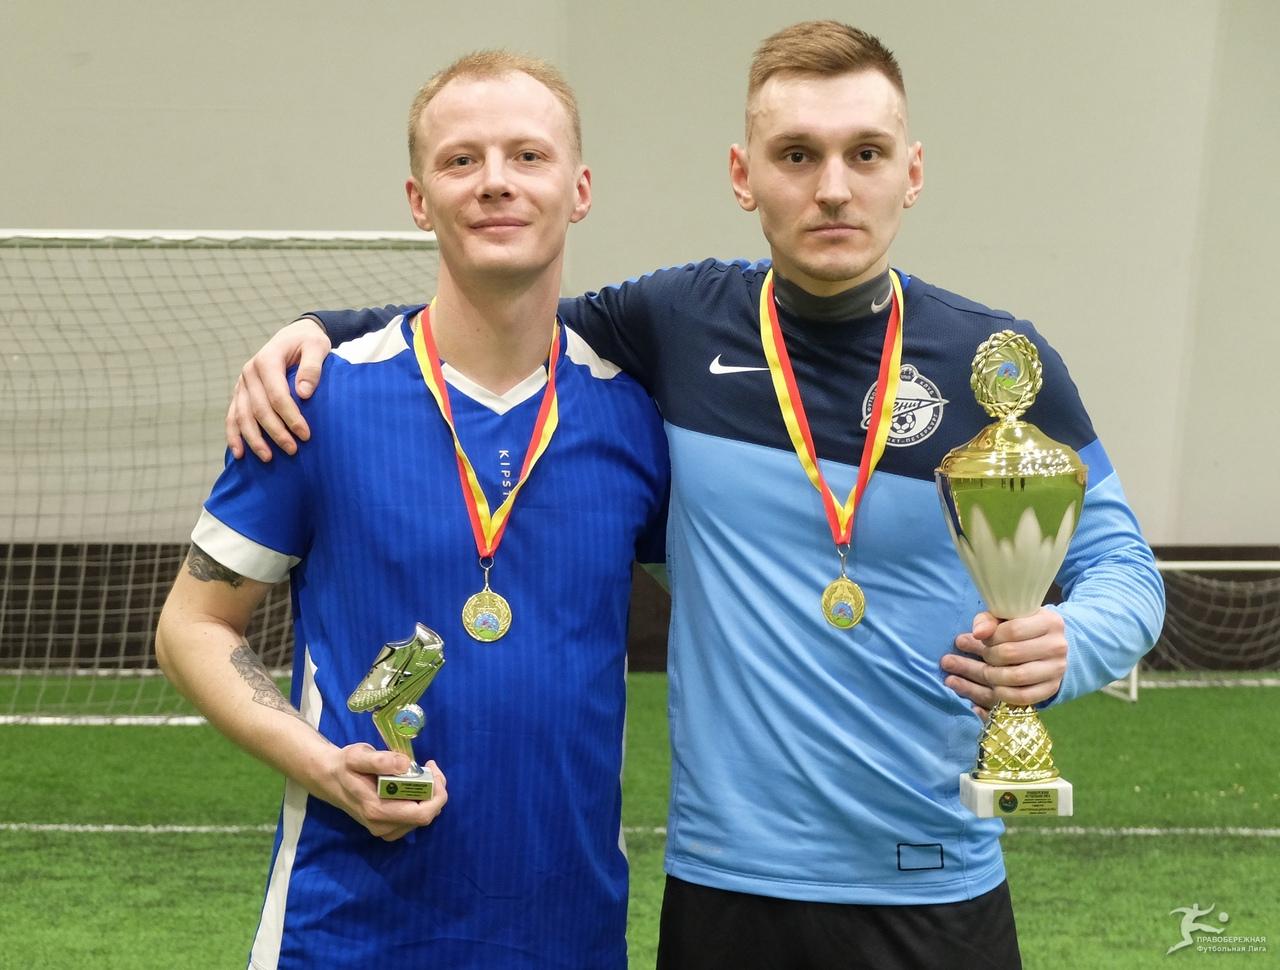 Роман Чайко и Даниил Крылов («Интернационале») — победители дивизиона Хирхасова.